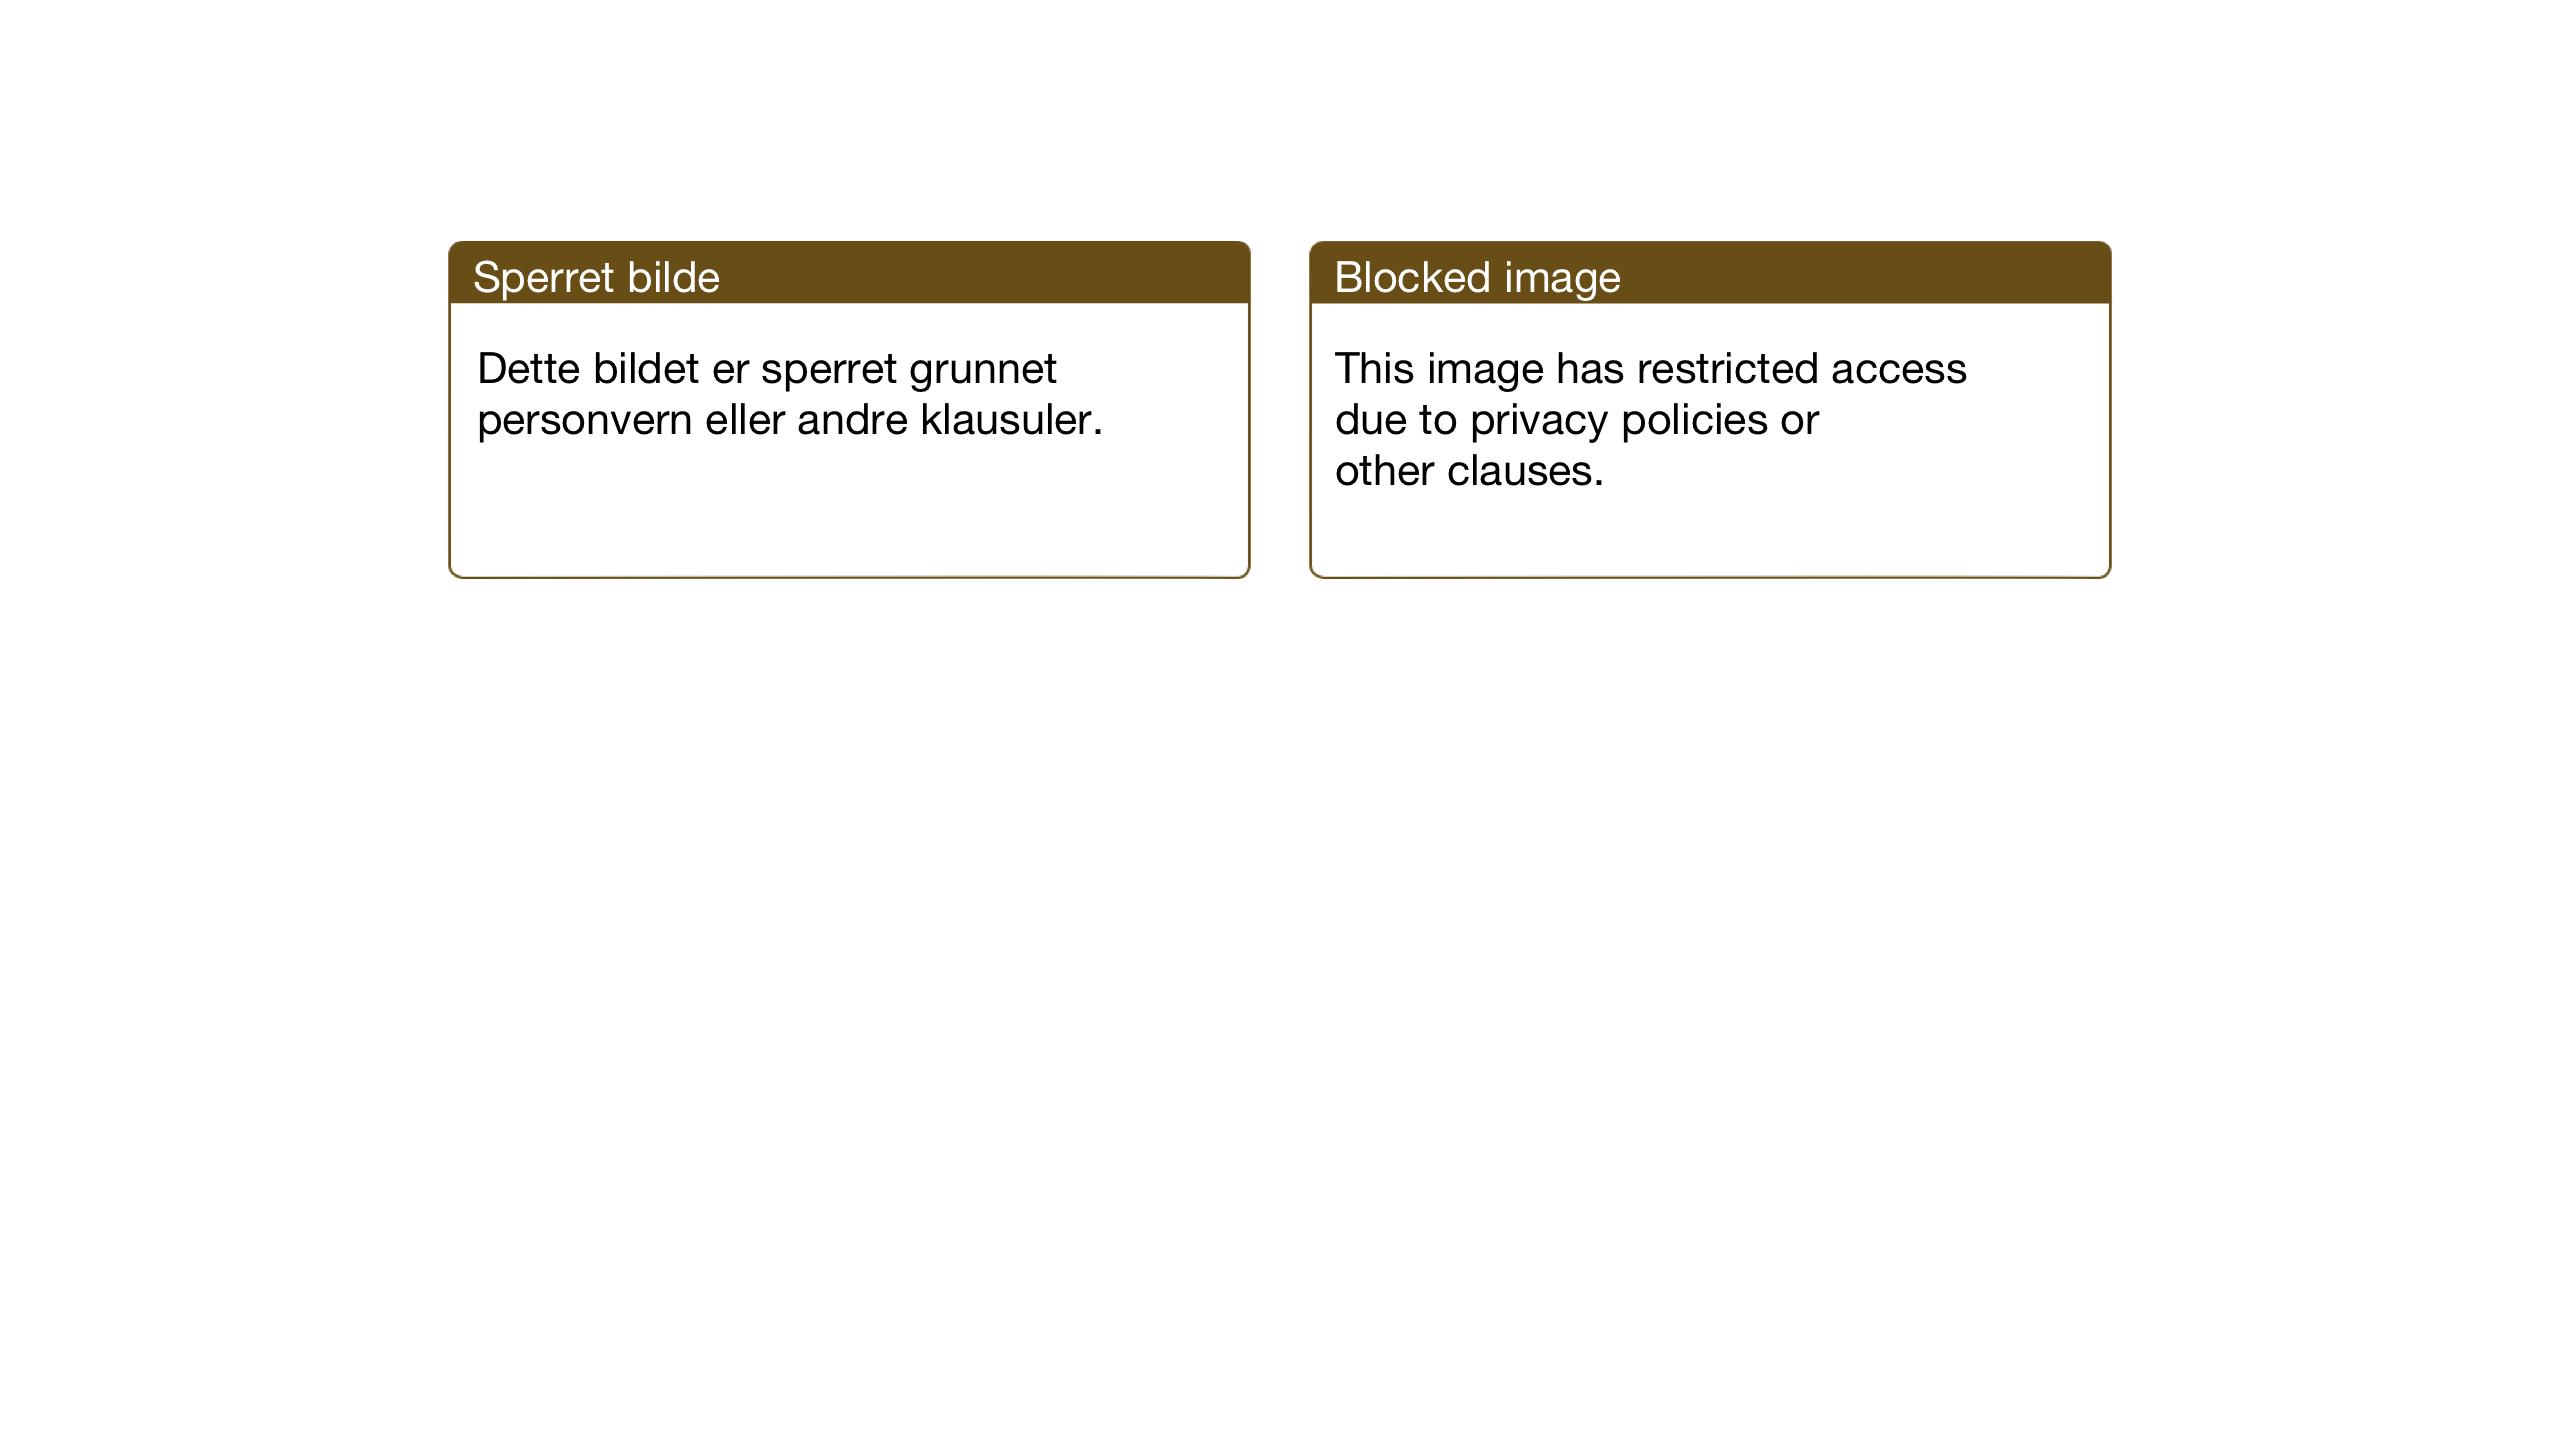 SAT, Ministerialprotokoller, klokkerbøker og fødselsregistre - Nord-Trøndelag, 746/L0456: Klokkerbok nr. 746C02, 1936-1948, s. 80